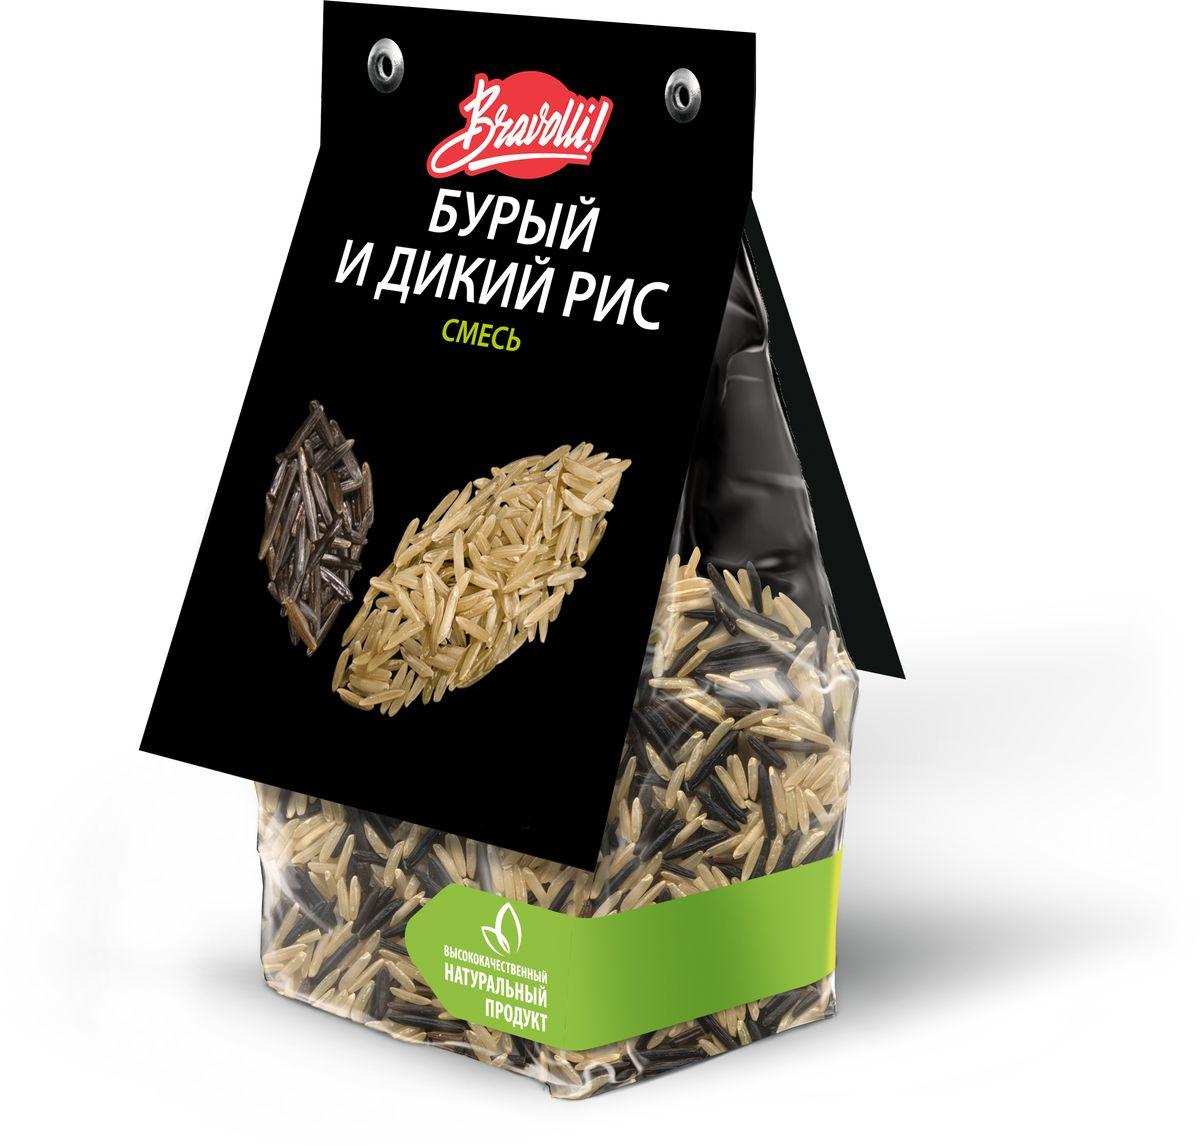 Bravolli Смесь бурый и дикий рис, 350 гБР 67/6Дикий рис Bravolli прекрасно сочетается с нешлифованным бурым рисом, создавая гармоничную смесь вкуса и полезности. Дикий рис - особый вид риса с необычным внешним видом и вкусом, выращиваемый в Северной Америке. Он обладает высокой пищевой ценностью. Бурый рис - нешлифованный, поэтому в нем сохранен максимум витаминов и полезных веществ и на вкус он более упругий по сравнению с обычным белым рисом. Смесь понравится тем, кто ведет здоровый образ жизни и стремится сохранить молодость и стройность. Смесь проста в применении - она остается рассыпчатой, даже если ее немного переварить. Идеально подходит для приготовления гарниров, салатов.